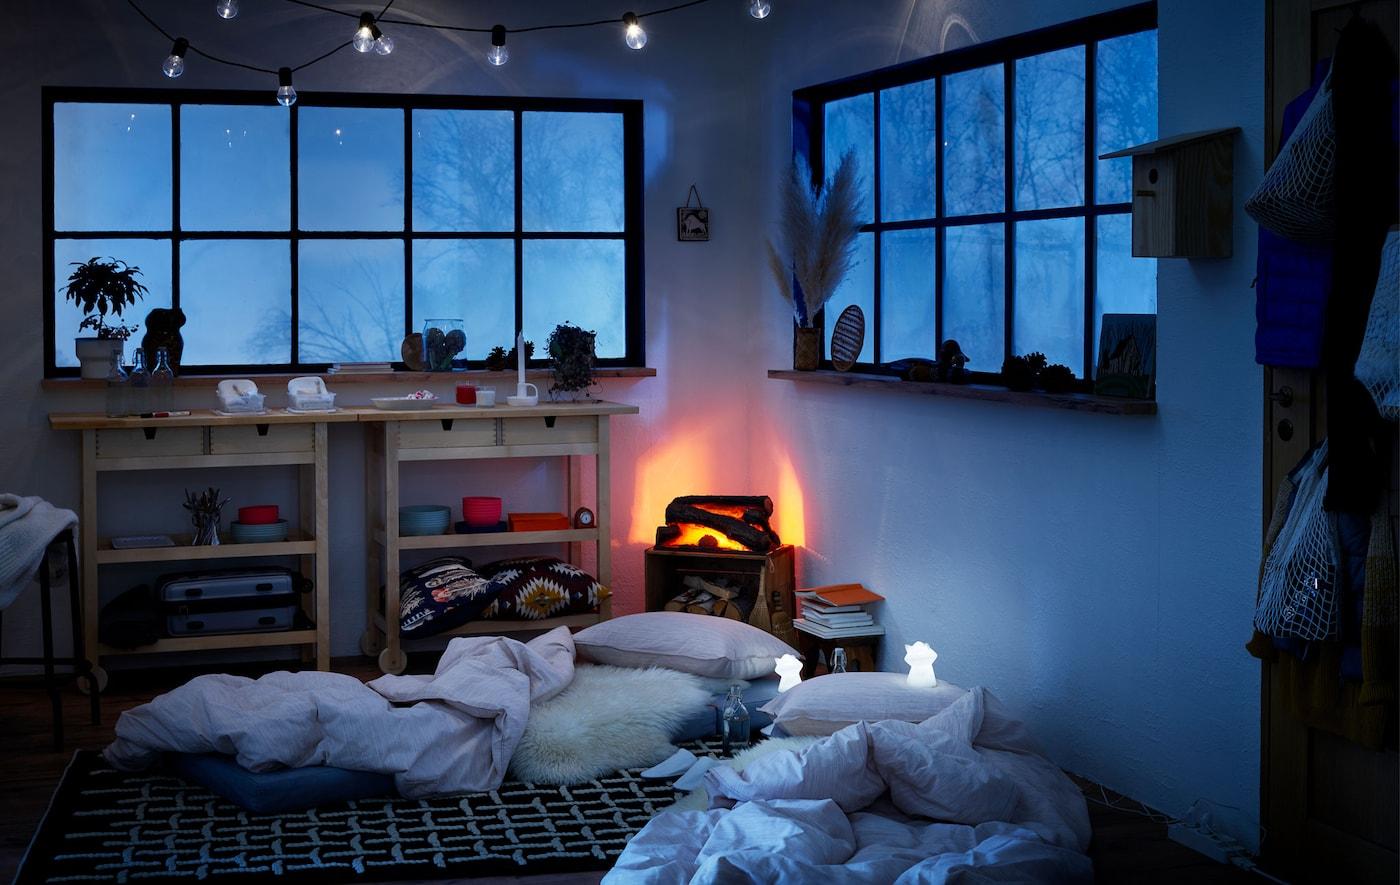 冬日木屋风格的室内装饰,地板上的床垫成了临时的床,旁边放着LED夜灯。